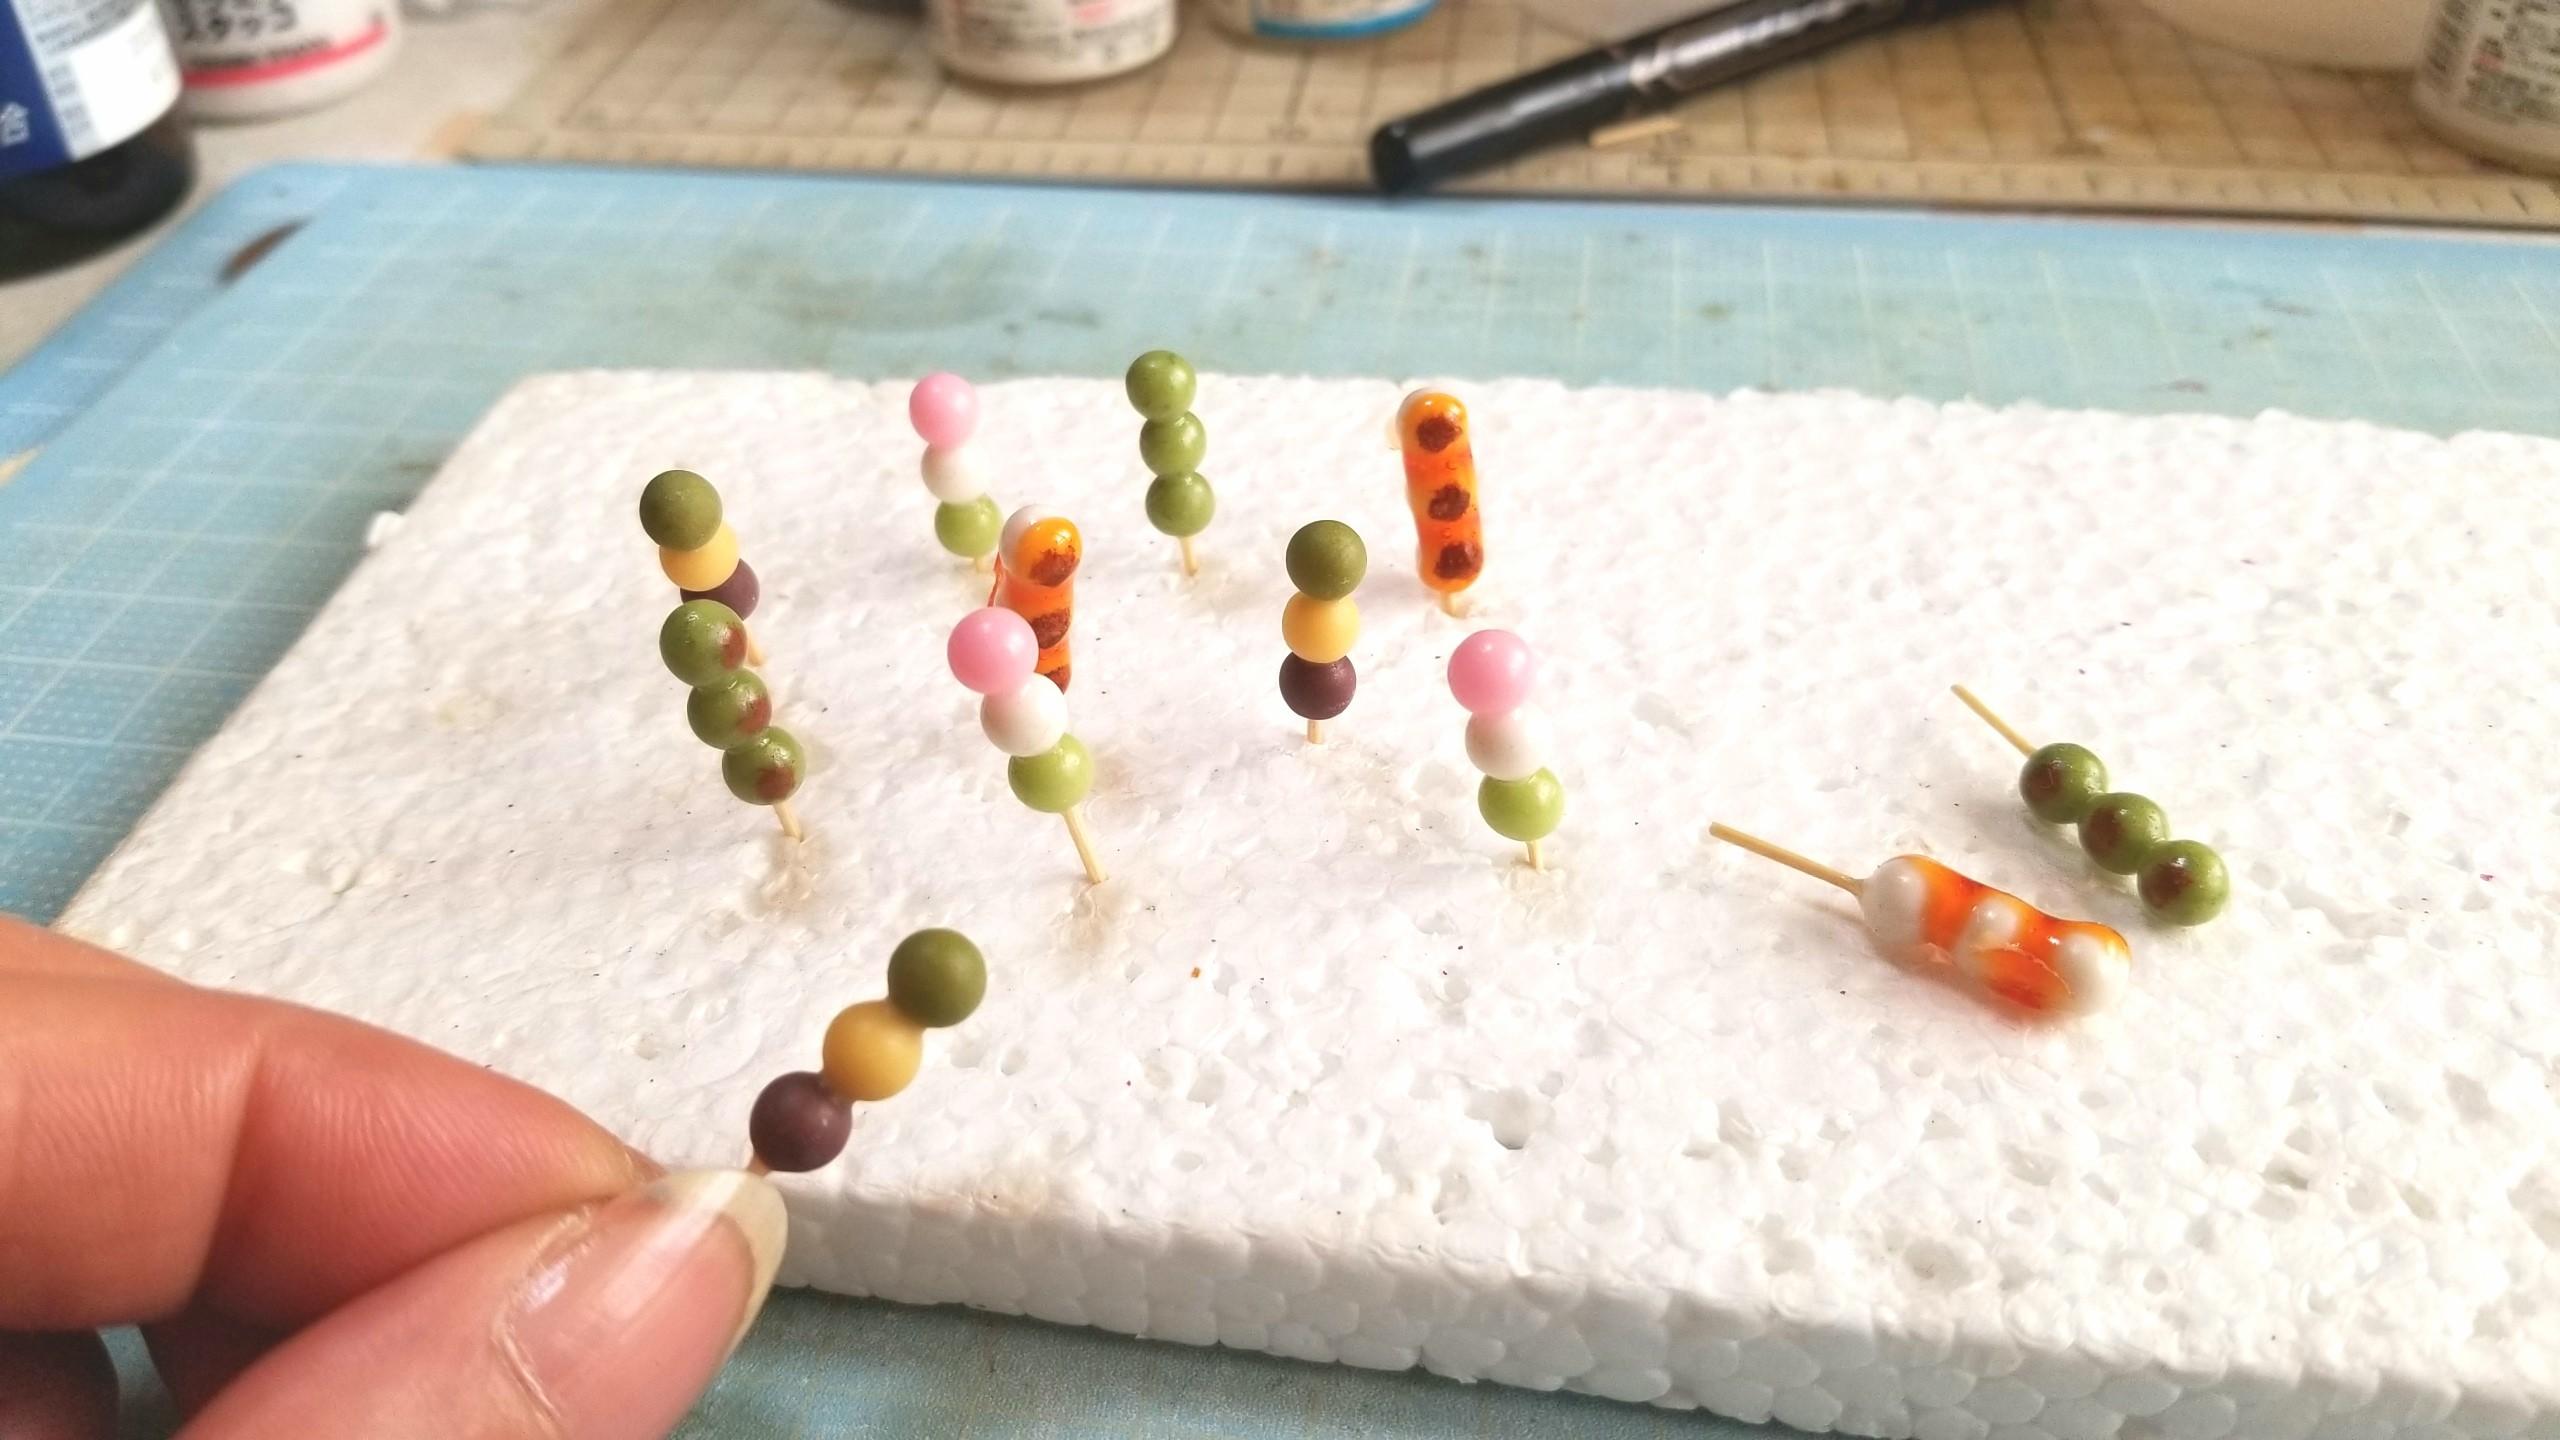 団子,三色,みたらし,よもぎ,坊っちゃん,樹脂粘土,ミニチュア,ドール